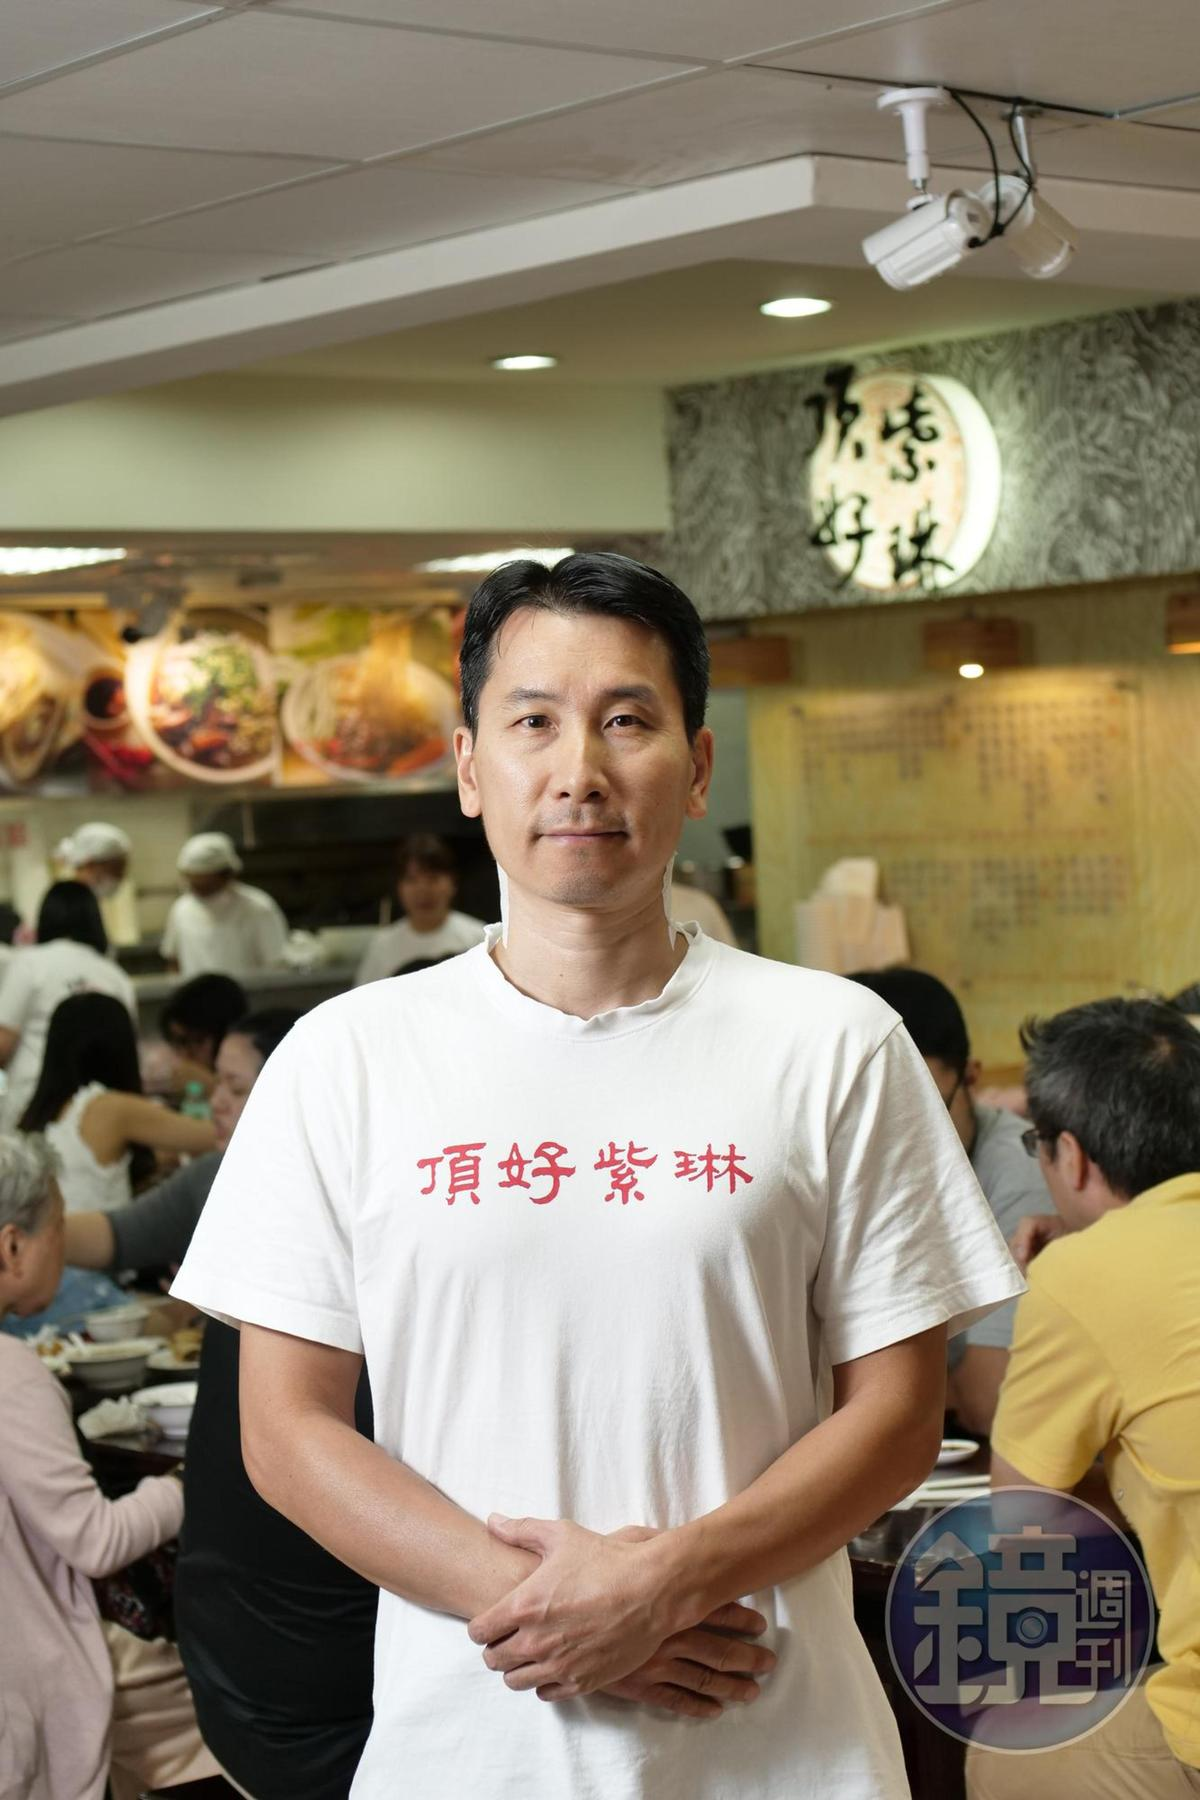 老闆陳學富接手經營山東老師傅的蒸餃館,做得更加有聲有色。